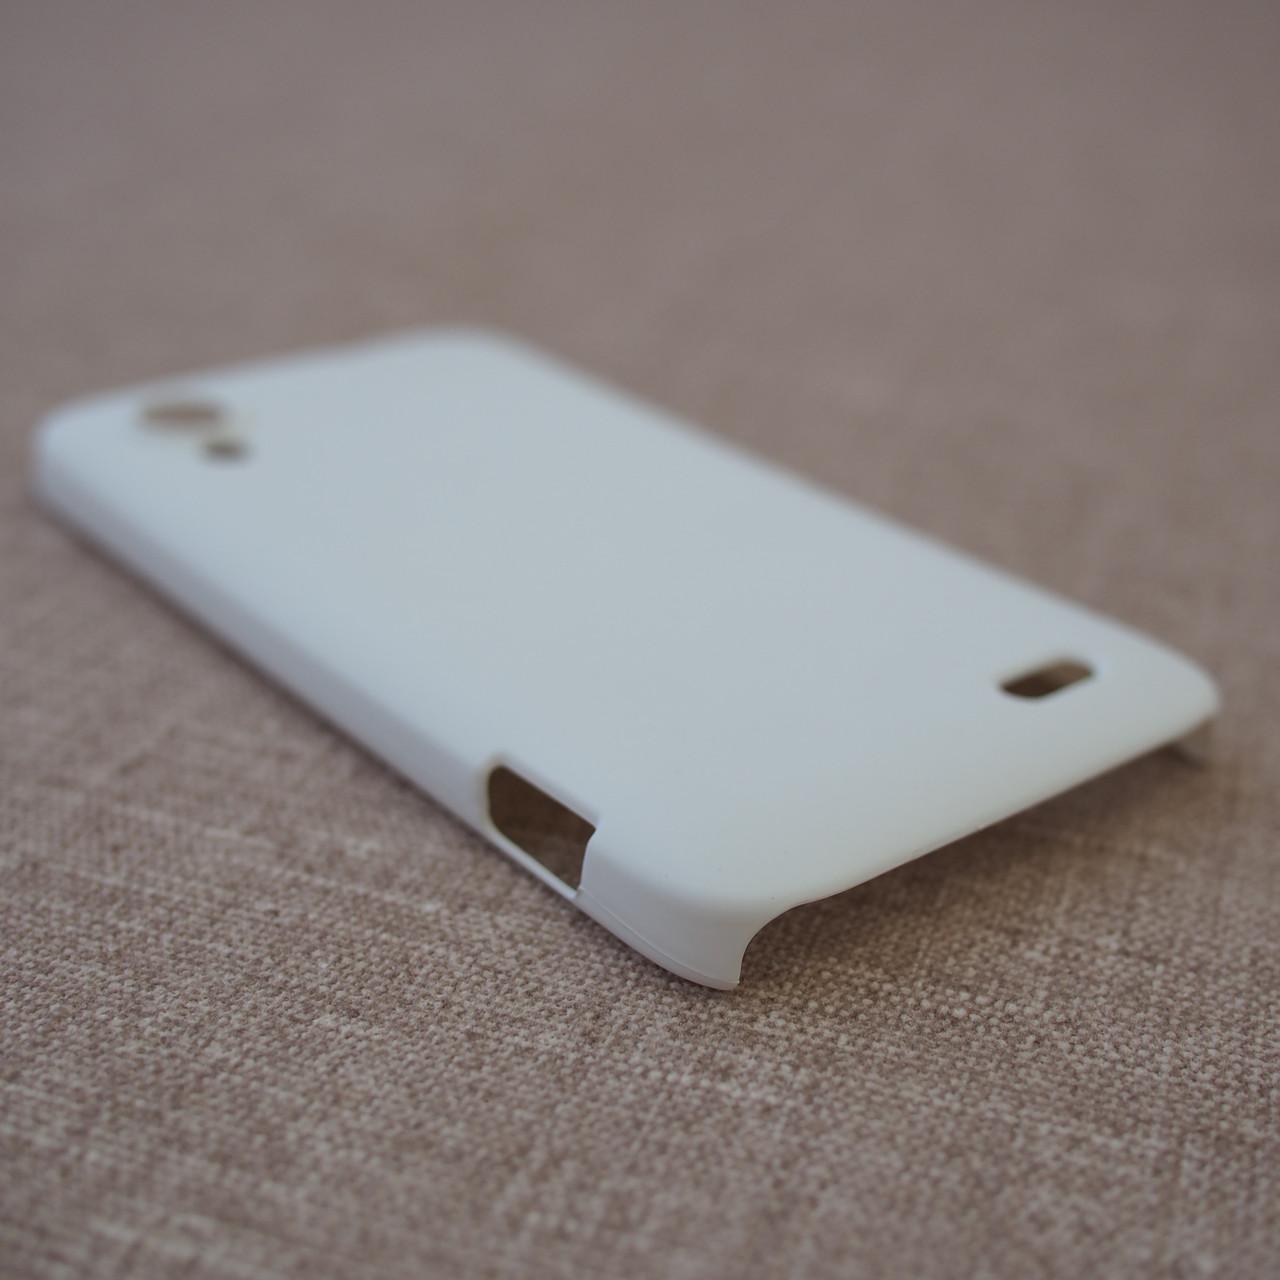 Чехлы для других смартфонов Lenovo S720 white Для телефона Белый